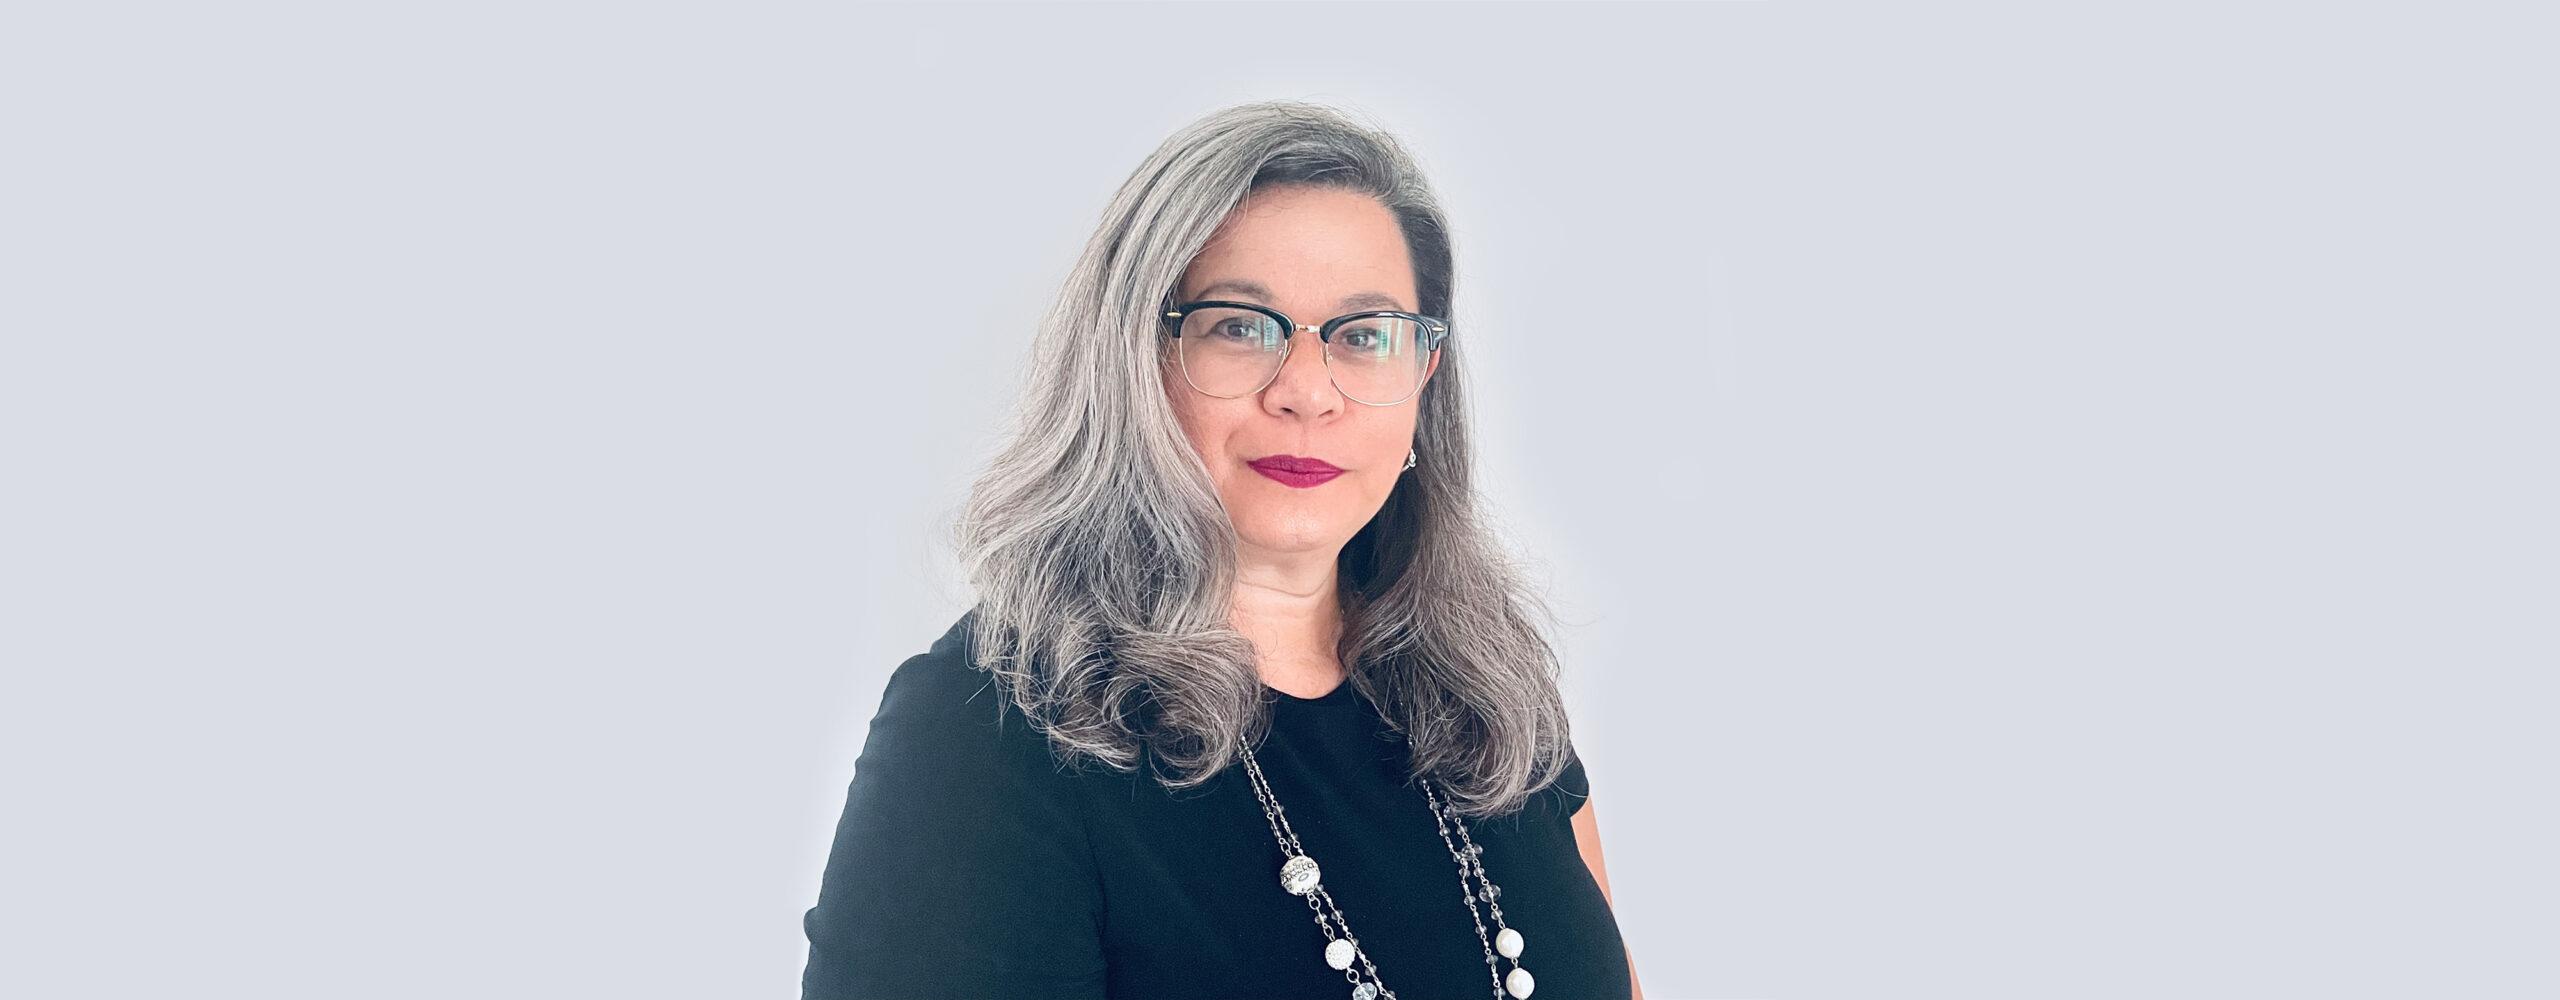 Stefanie-Schopen-Bio-Image